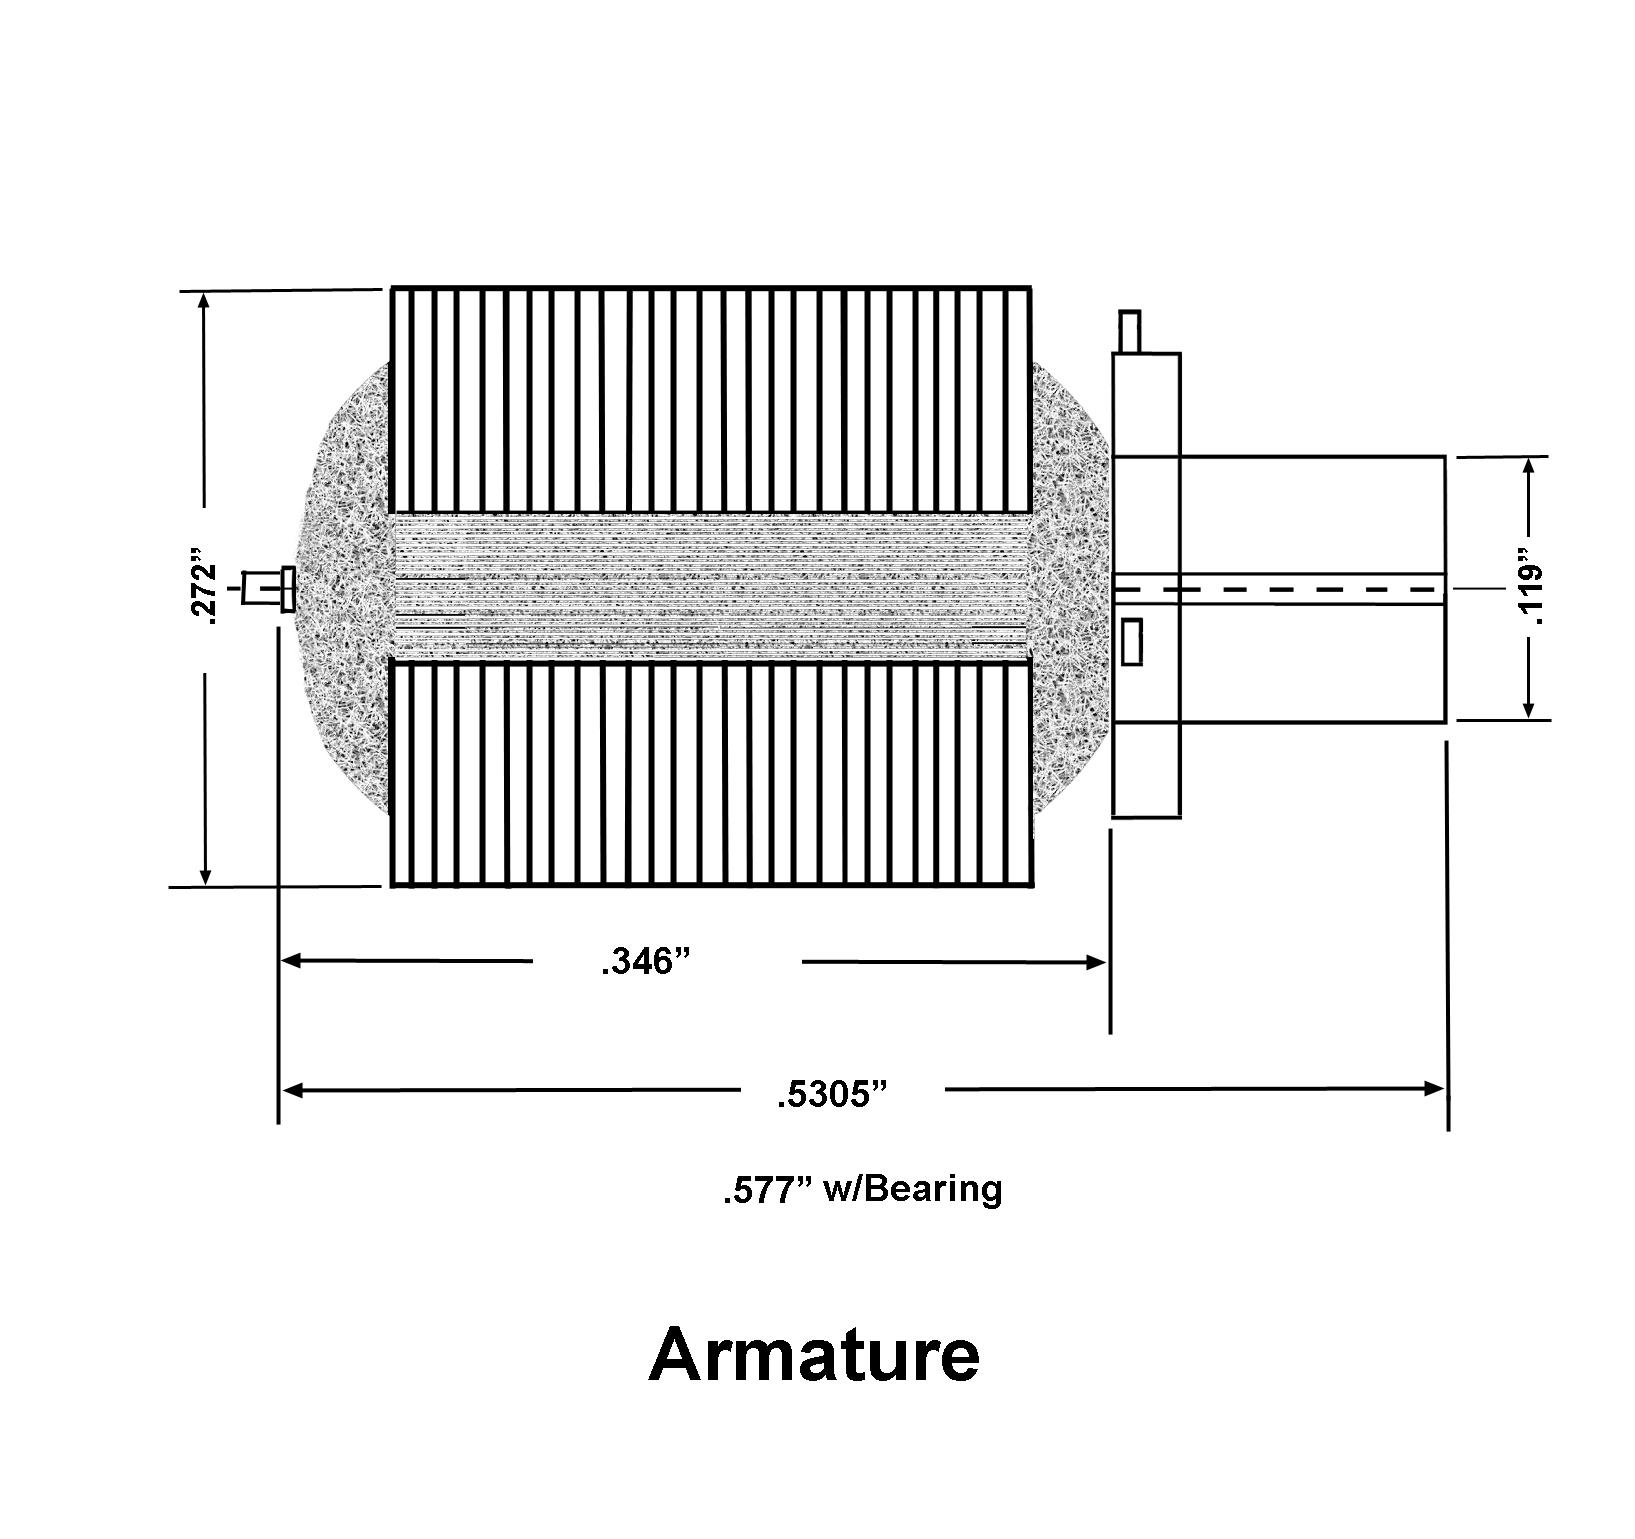 [Armature]